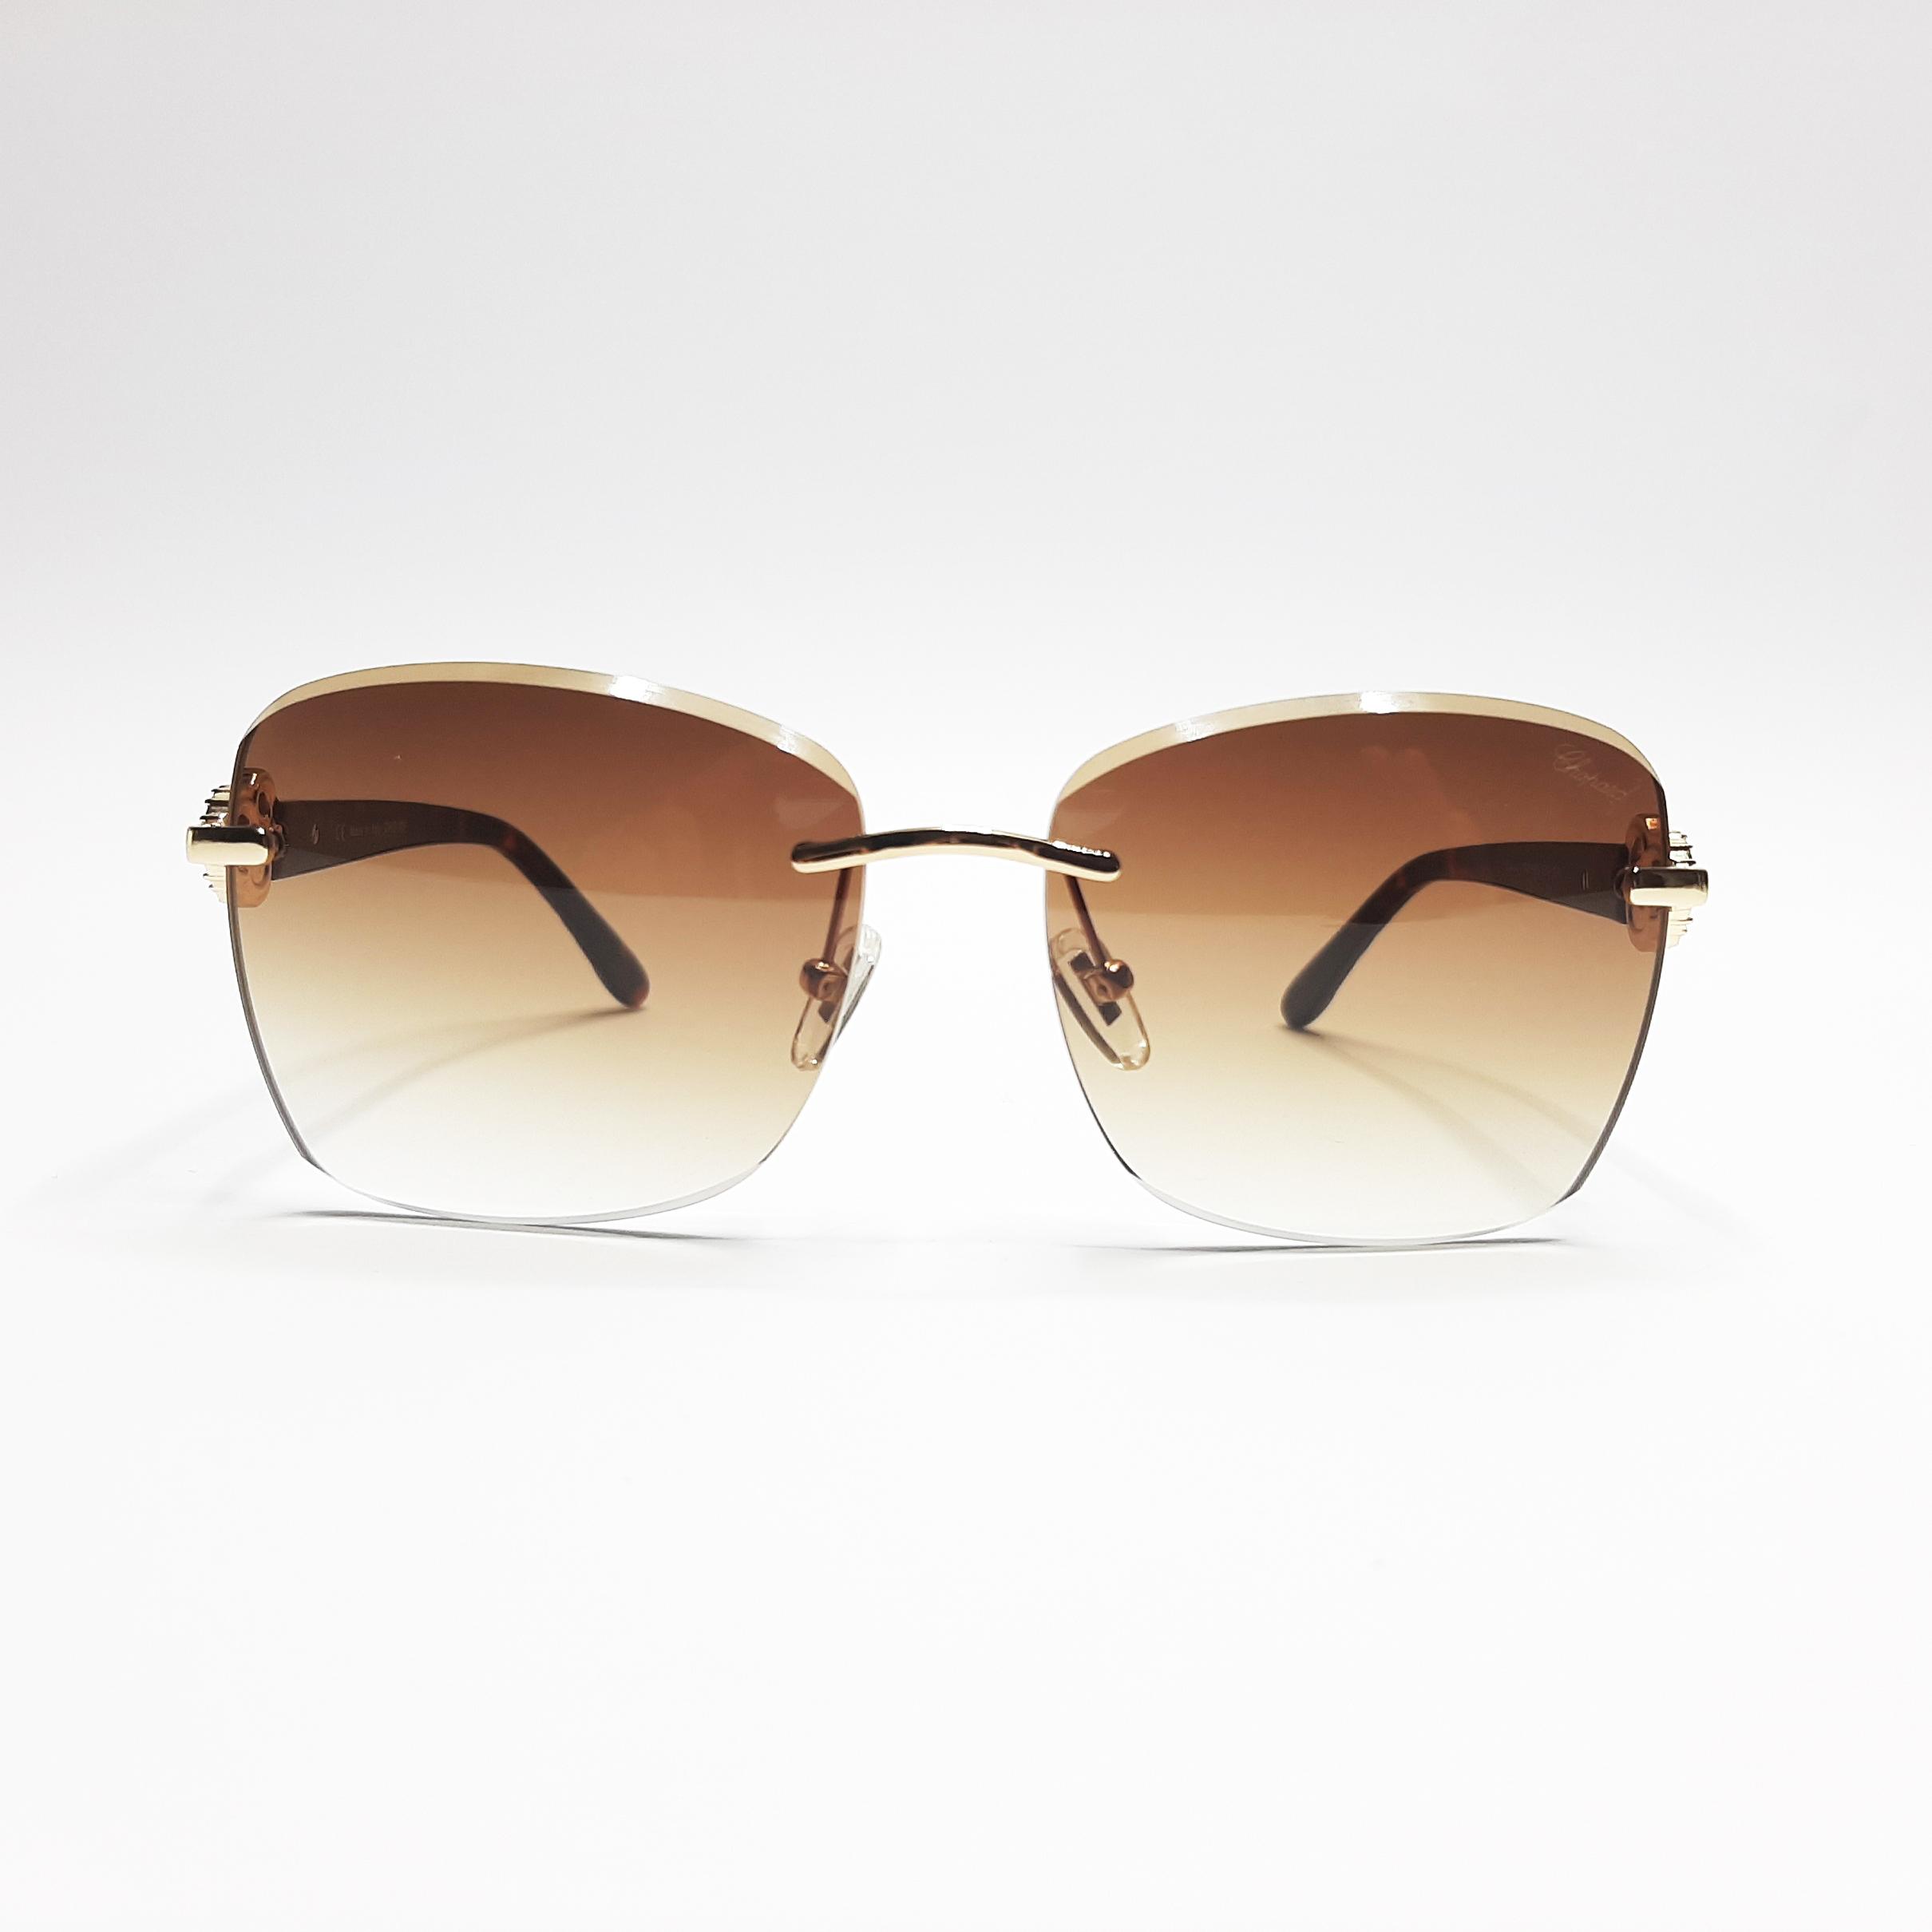 عینک آفتابی زنانه شوپارد مدل SCHB62c2